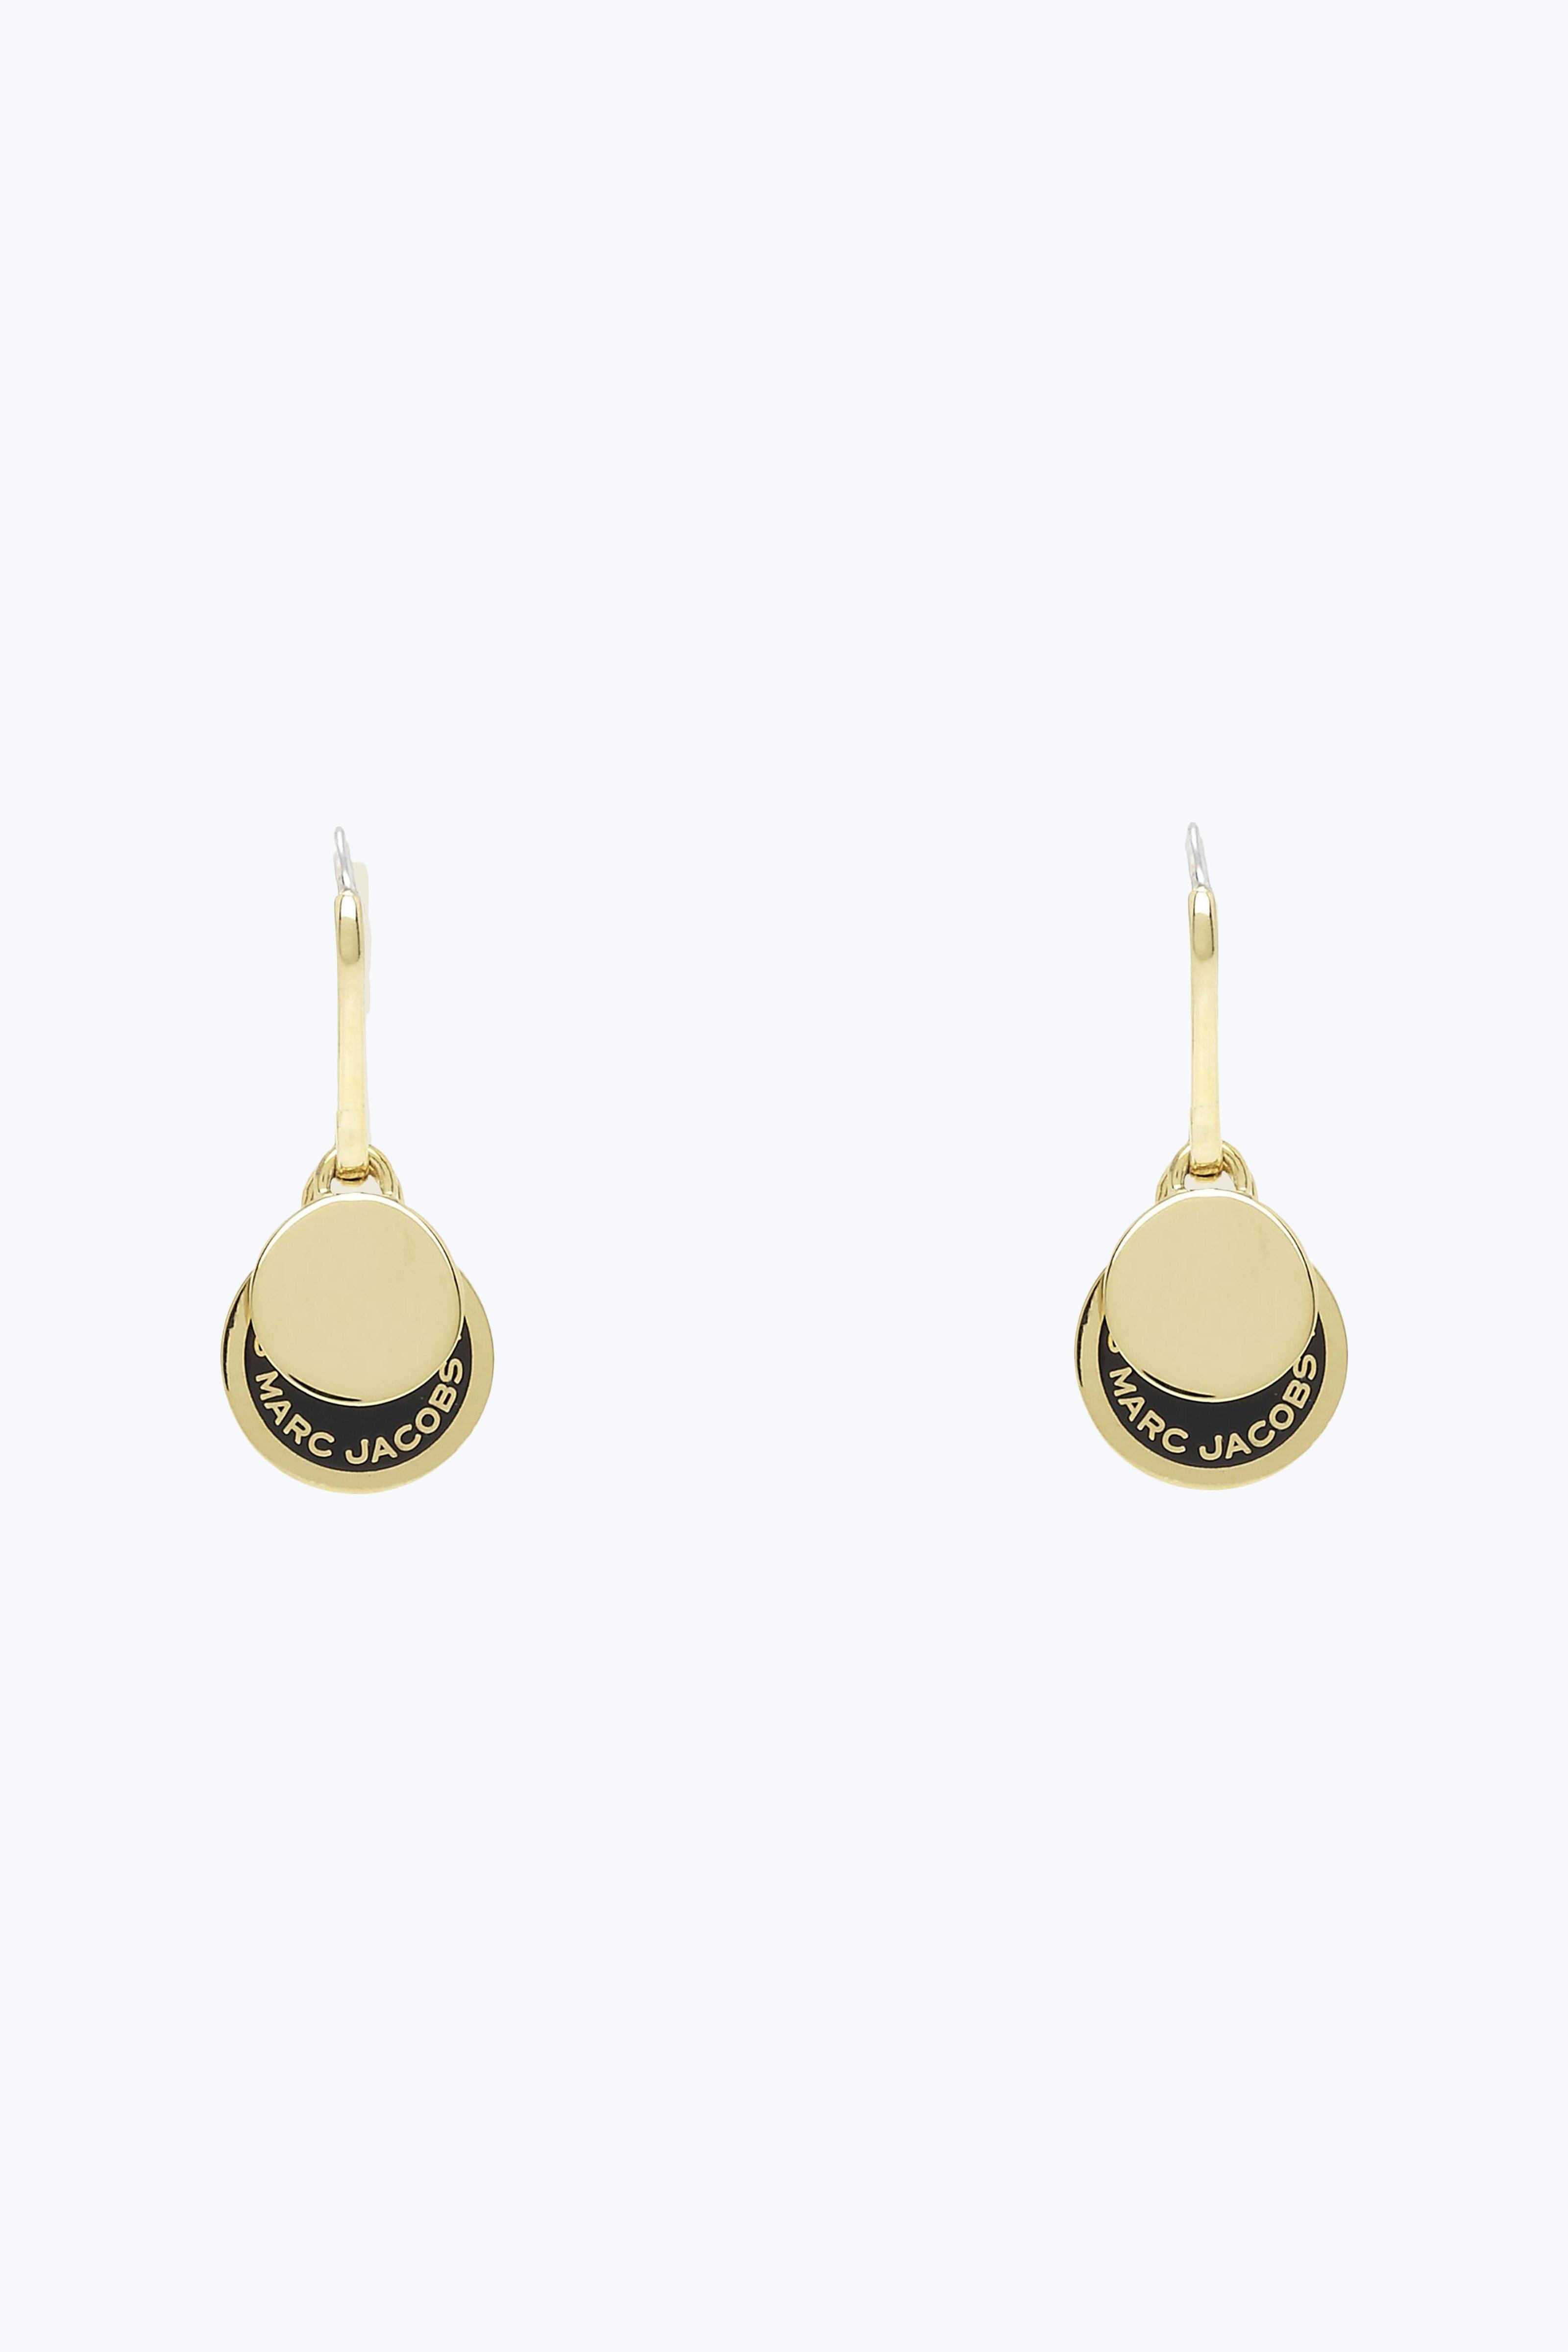 Marc Jacobs Women S Black Enamel Logo Disc Earrings